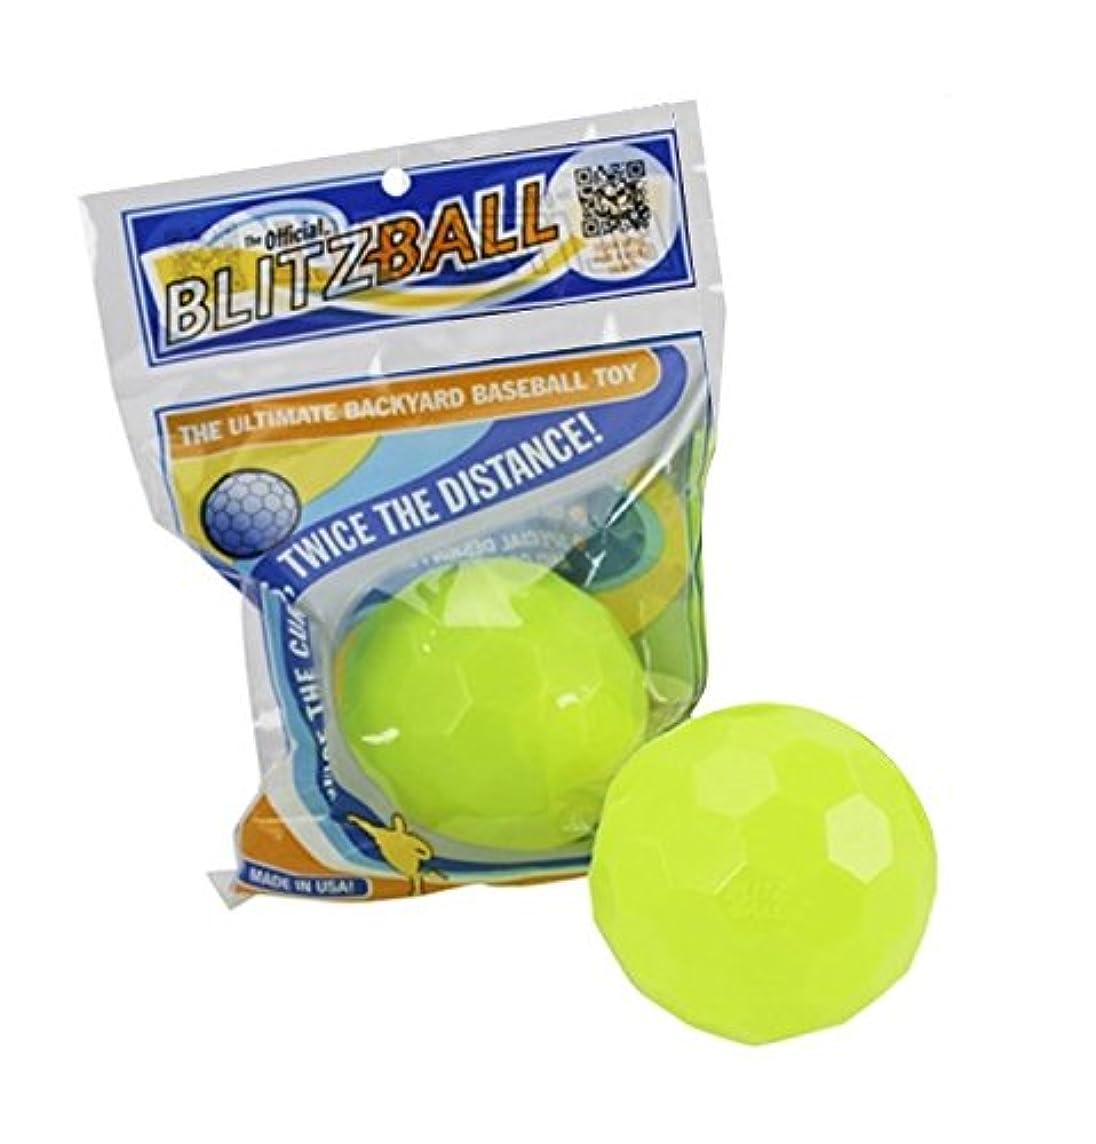 BLITZBALL Plastic Baseball (2 Pack)